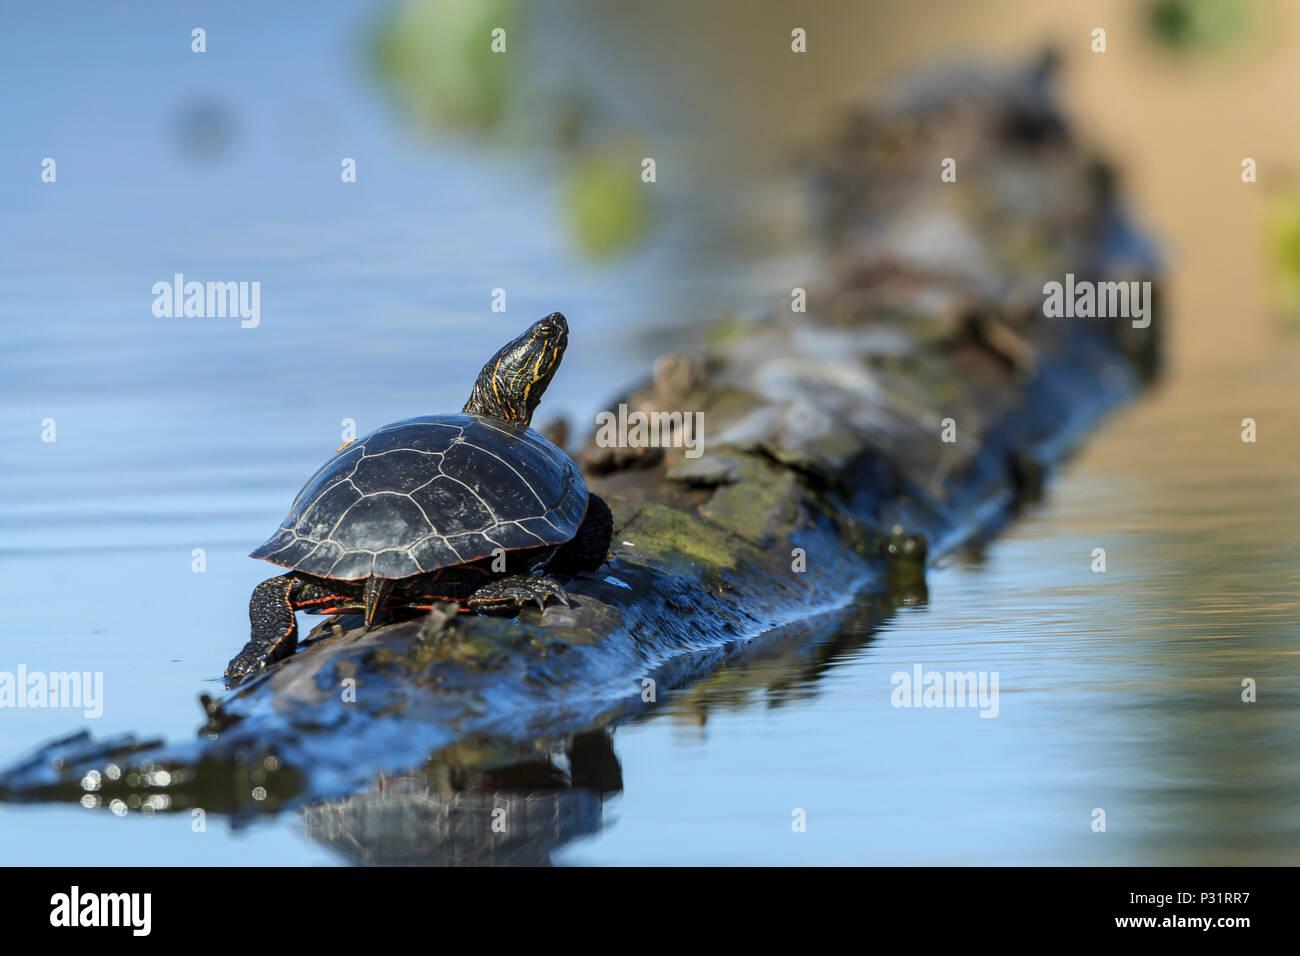 Une Amérique tortue peinte (Chrysemys picta) baigne dans le soleil sur un log sur Fernan Lake dans l'Idaho. Photo Stock